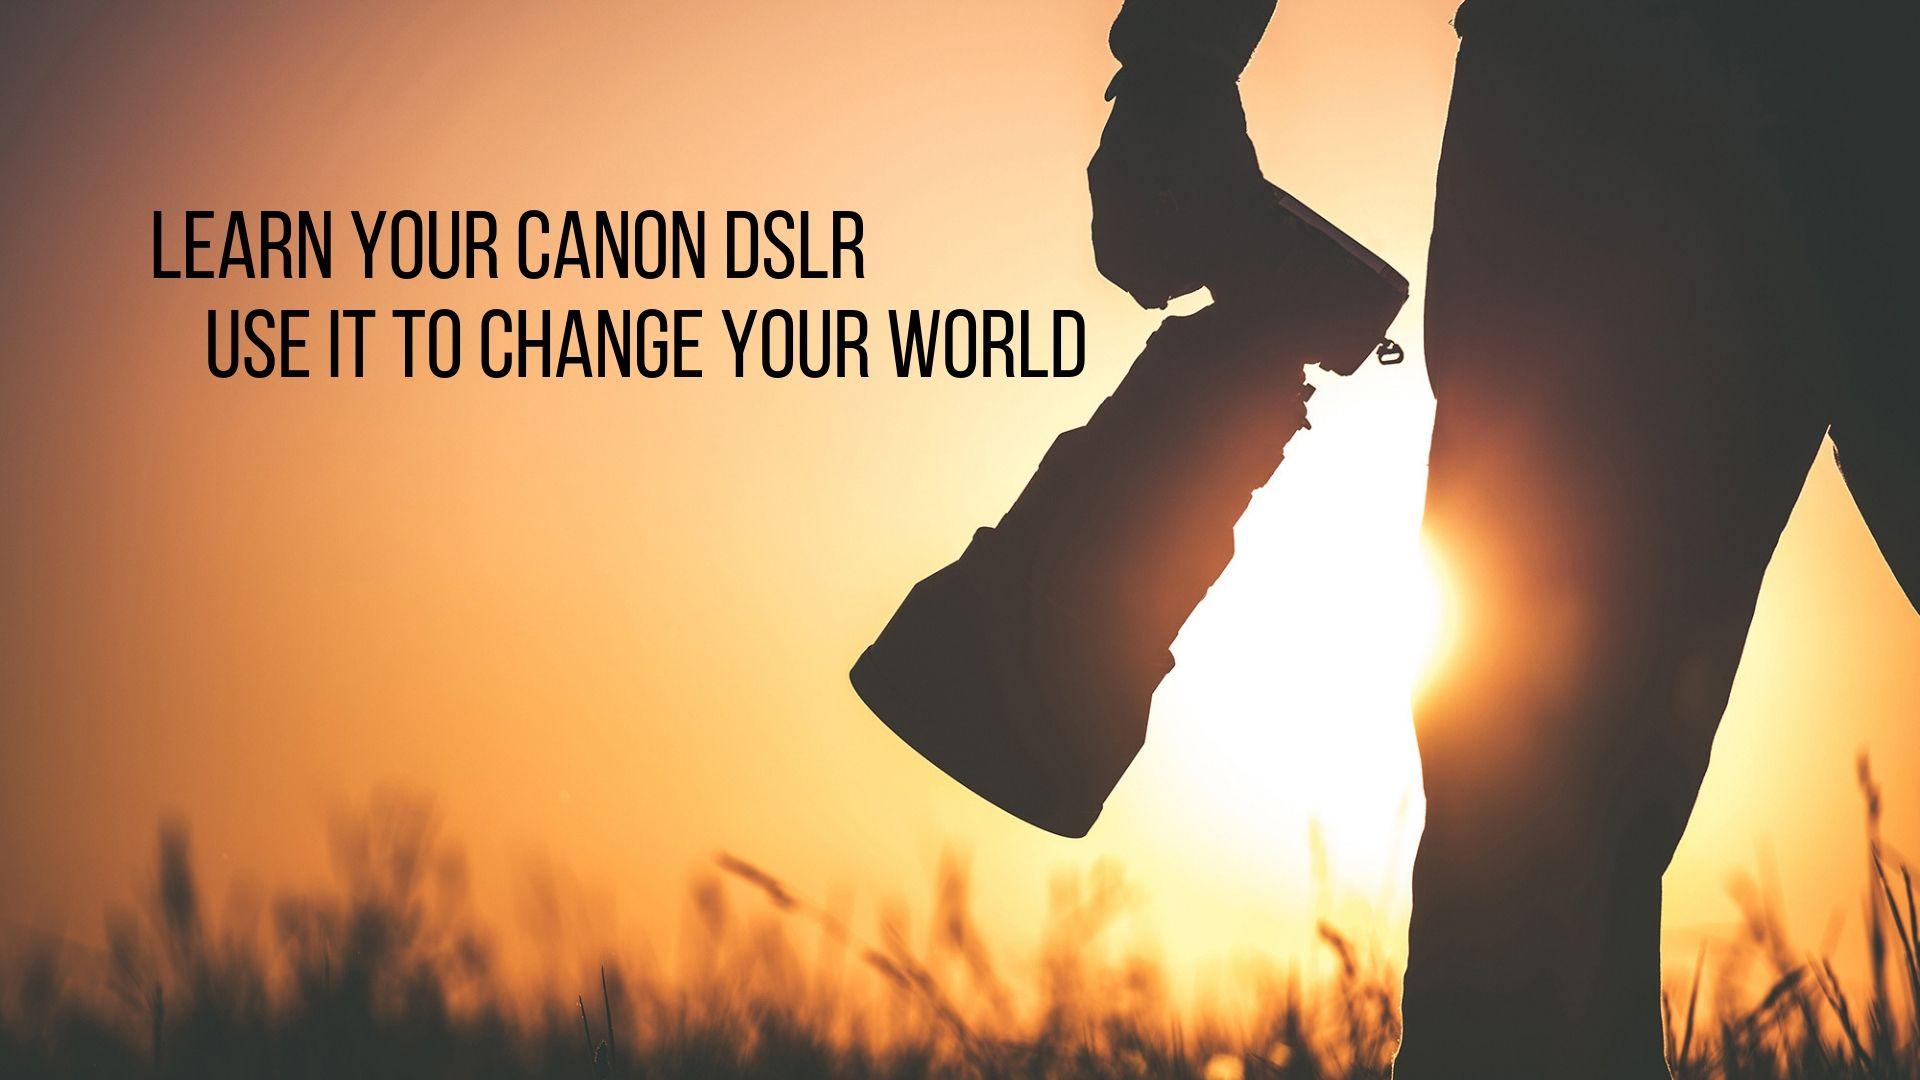 LearnYourCanonDSLR1.jpg